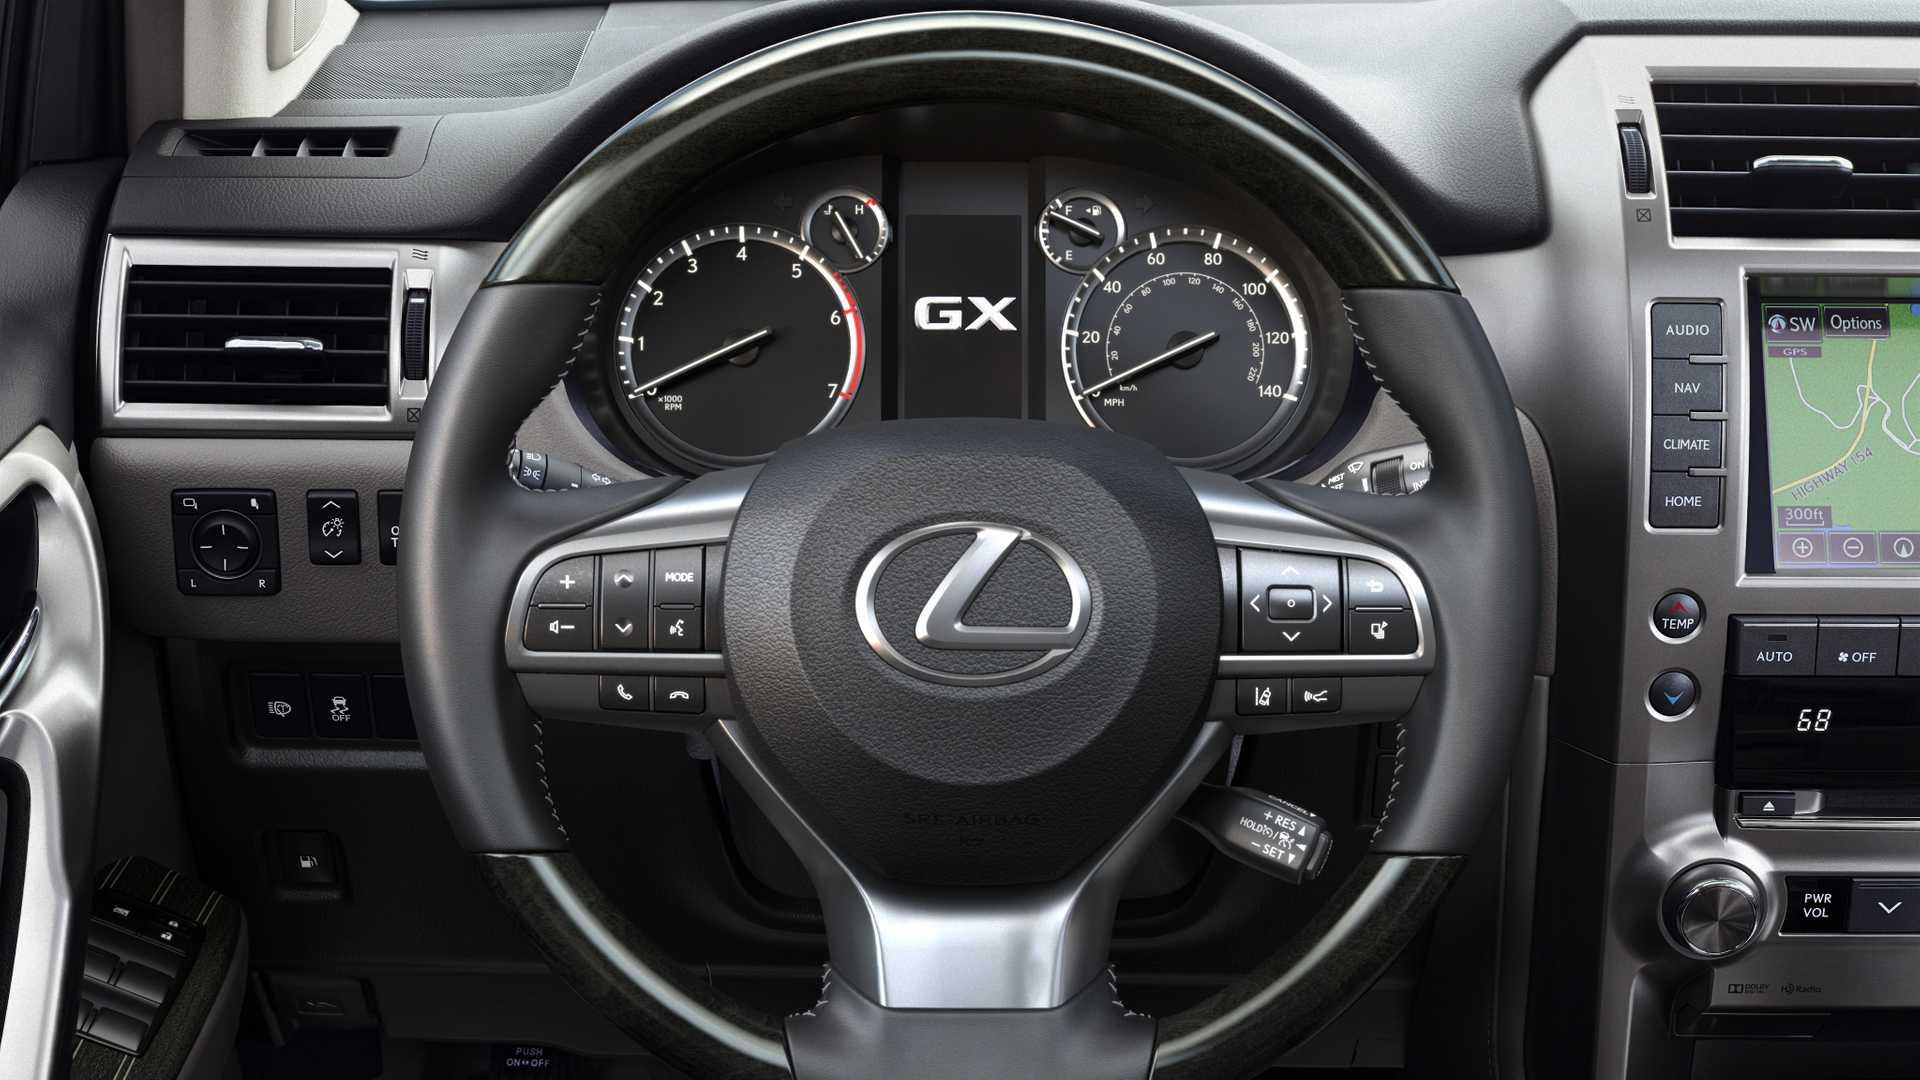 2020-lexus-gx-8.jpg